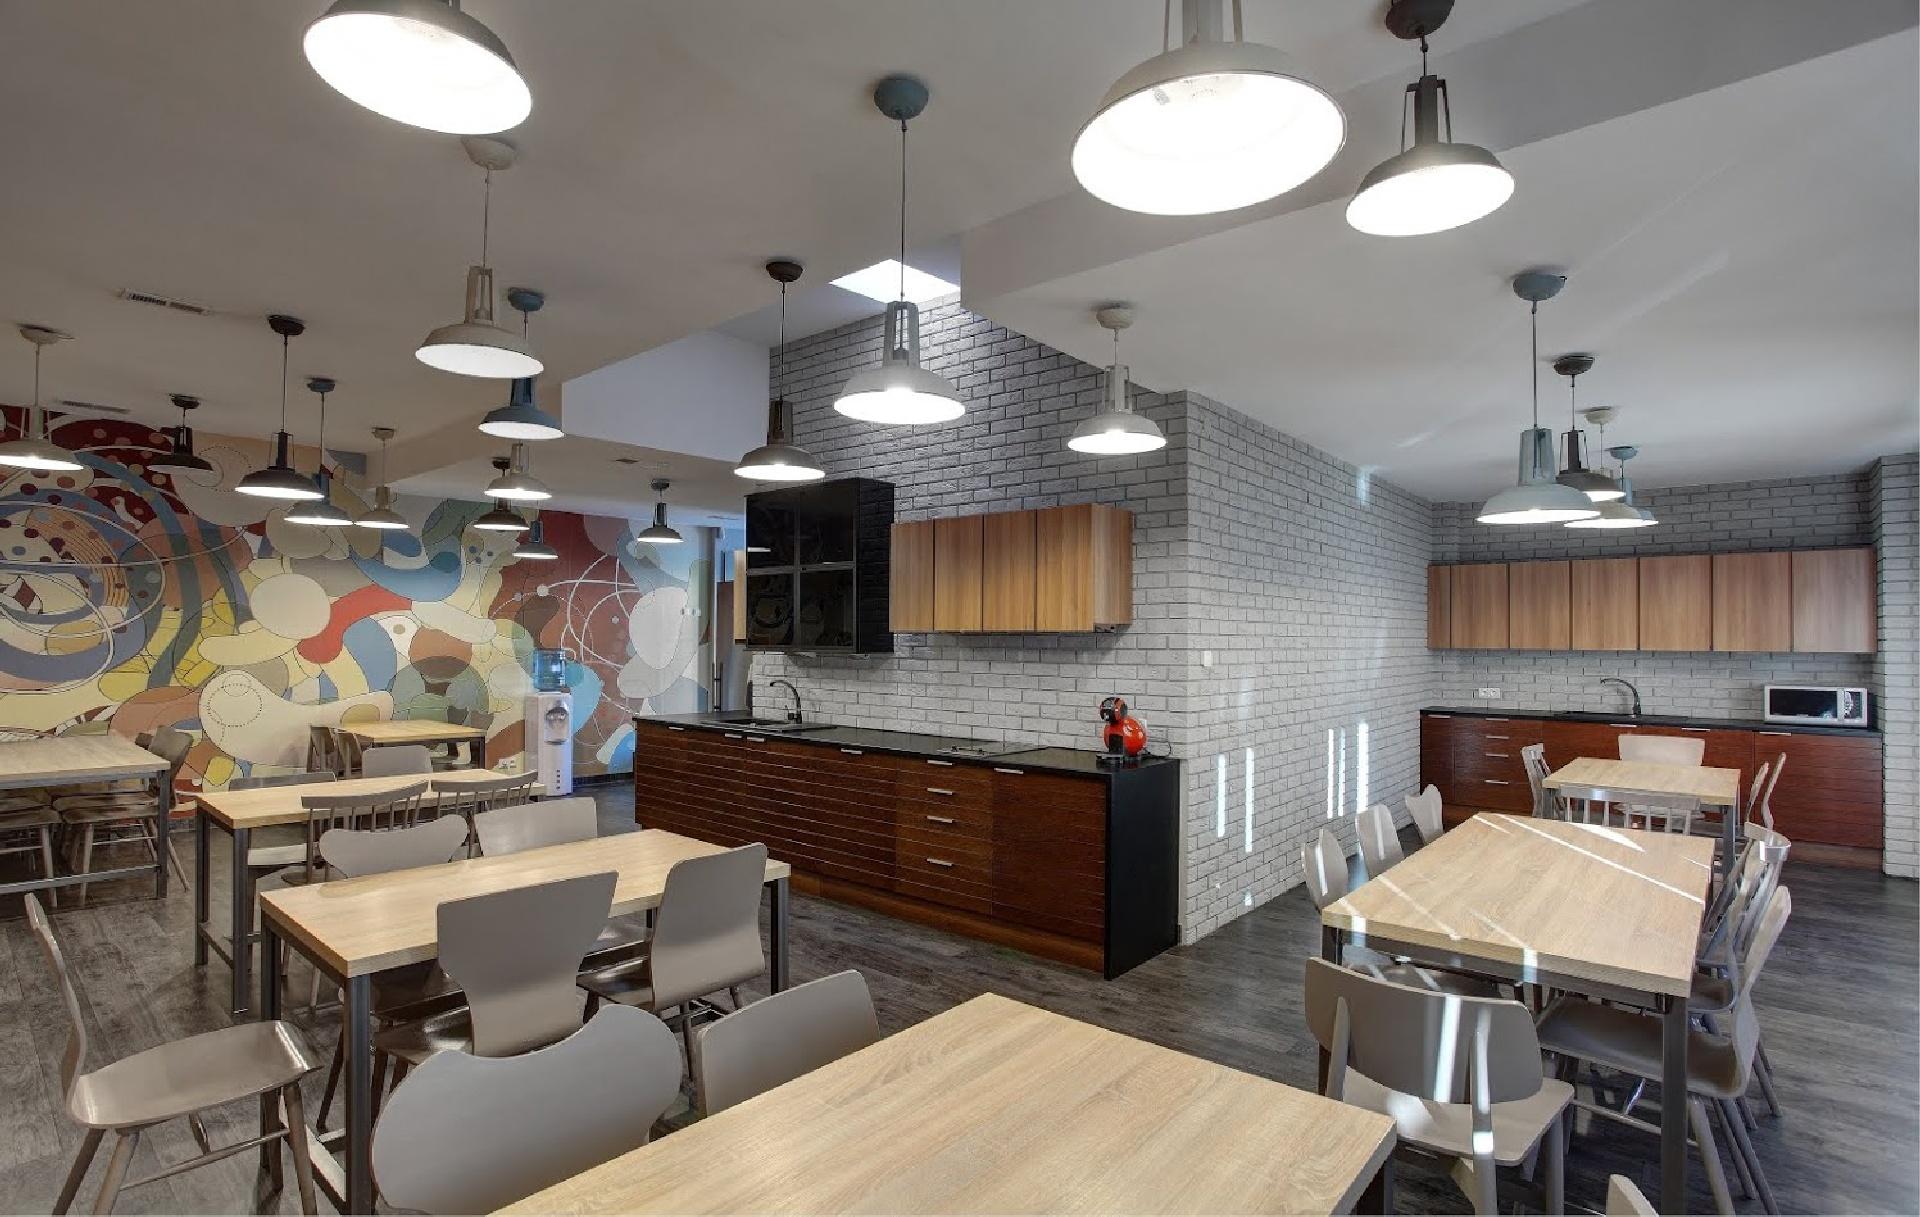 Realizacja stolowki jadalni kantyny w biurze.jpg